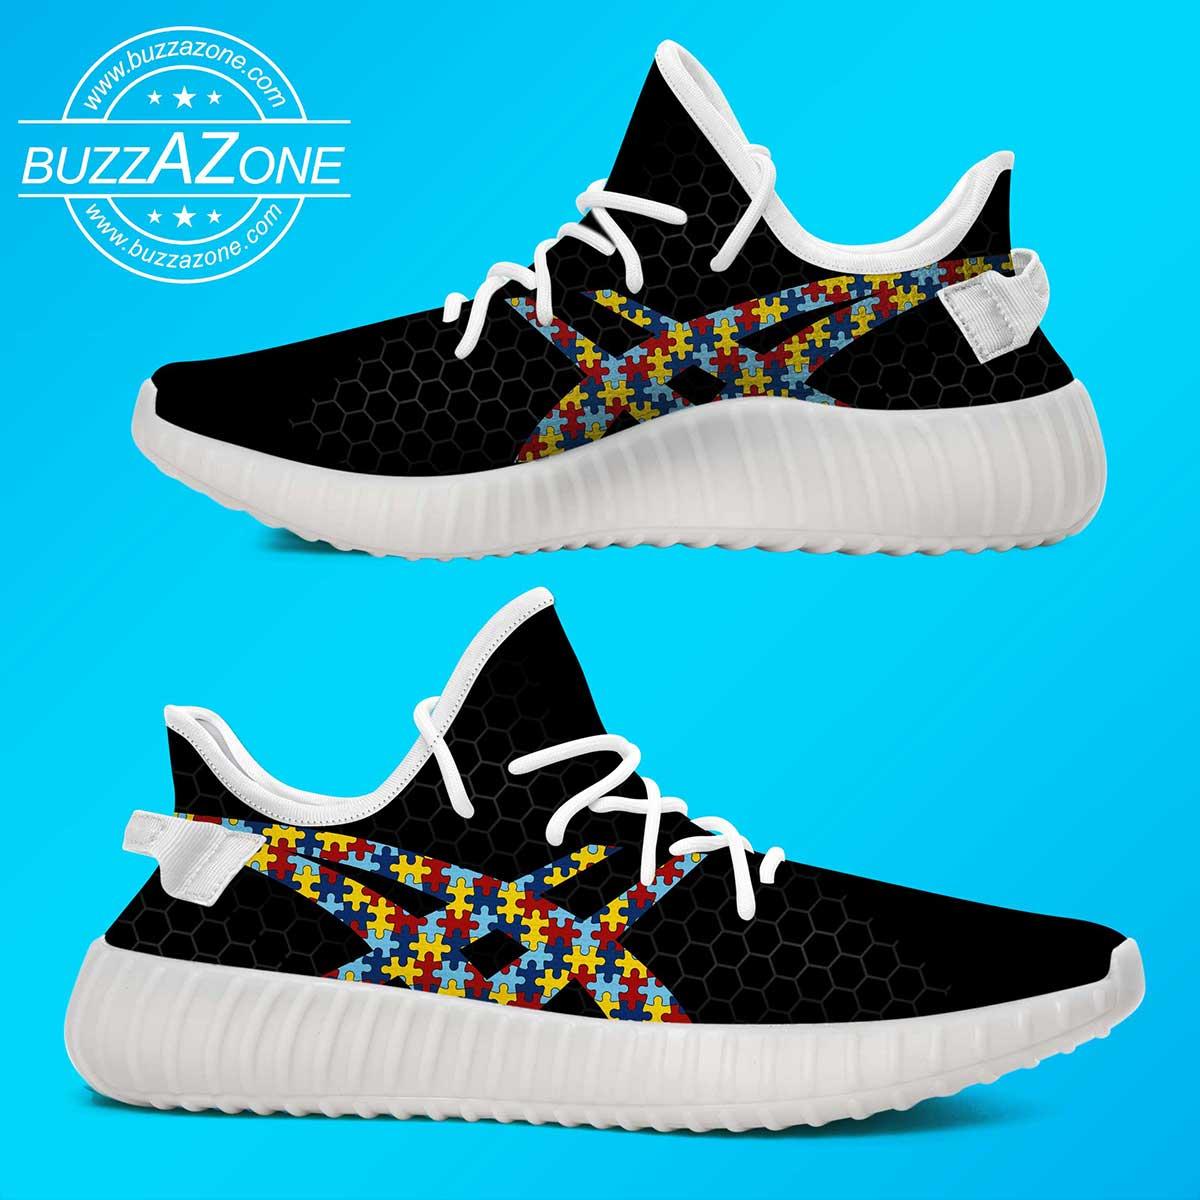 Autism awareness custom yeezy sneakers 2